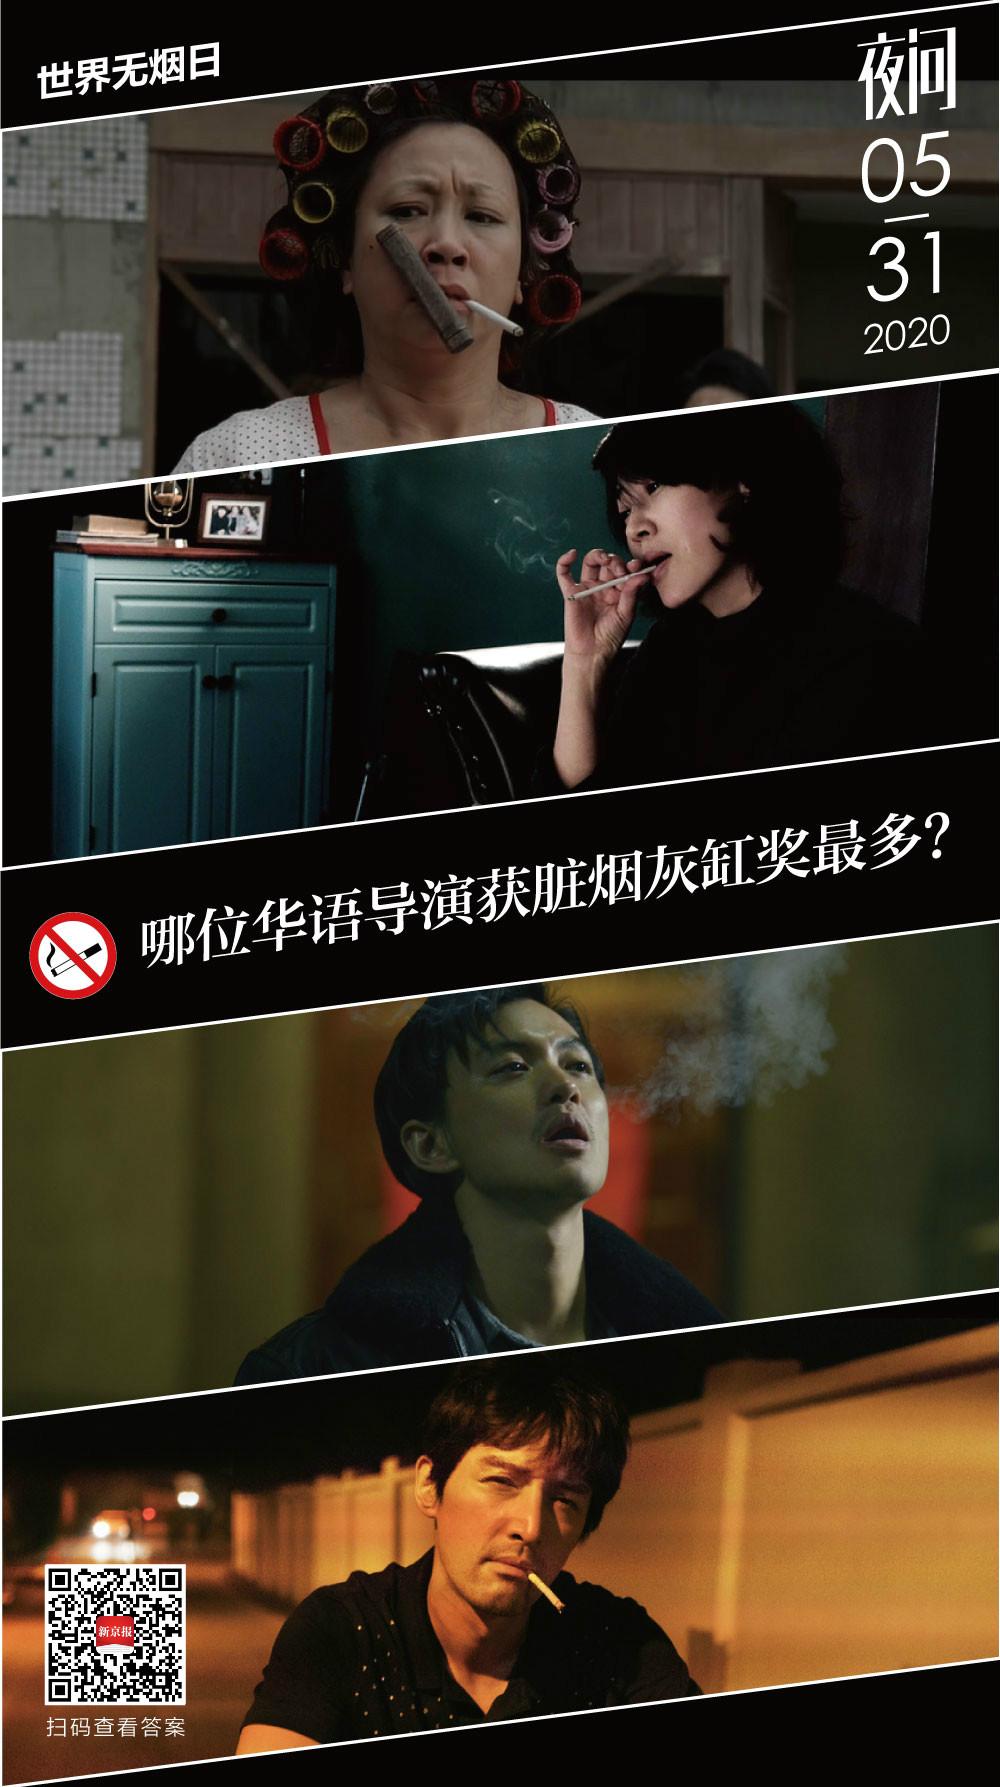 世界无烟日:好电影一定要烟雾缭绕?丨夜问图片